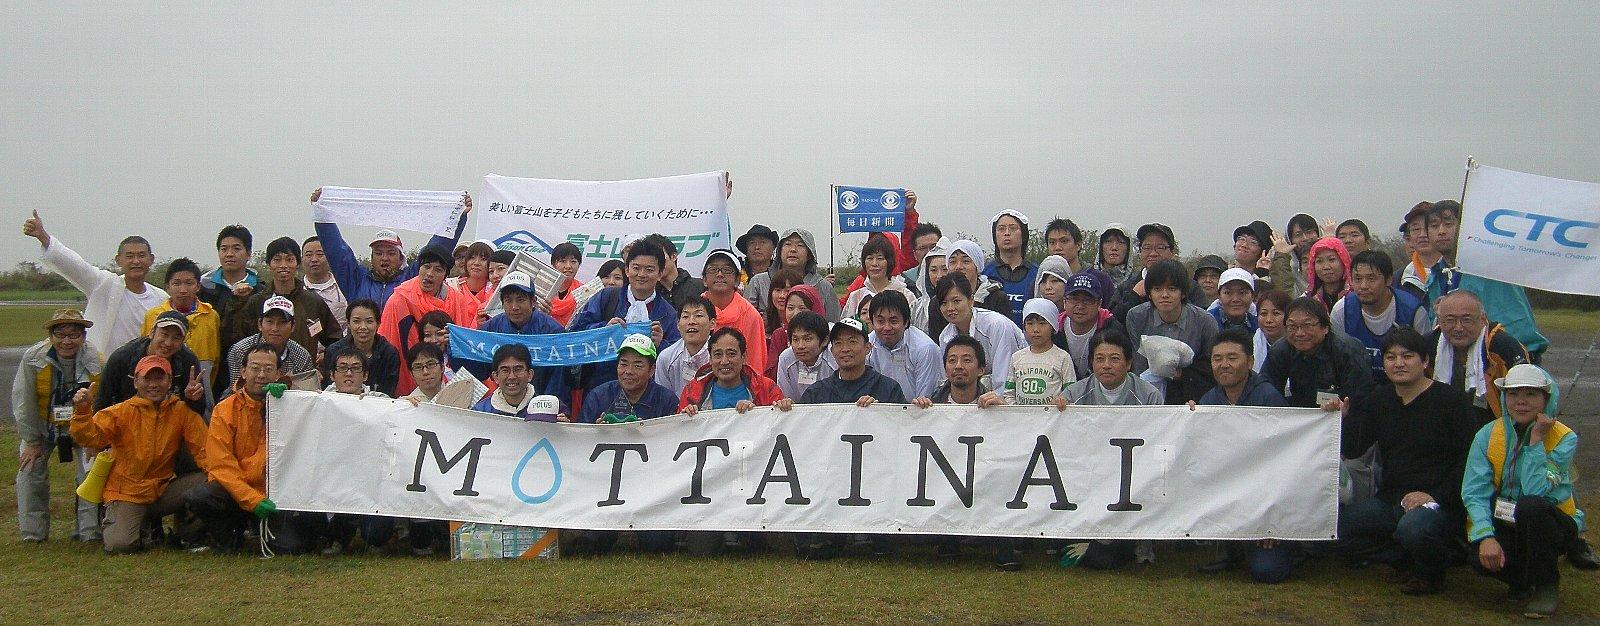 第6回企業対抗富士山ゴミ拾い大会が開催されました!!